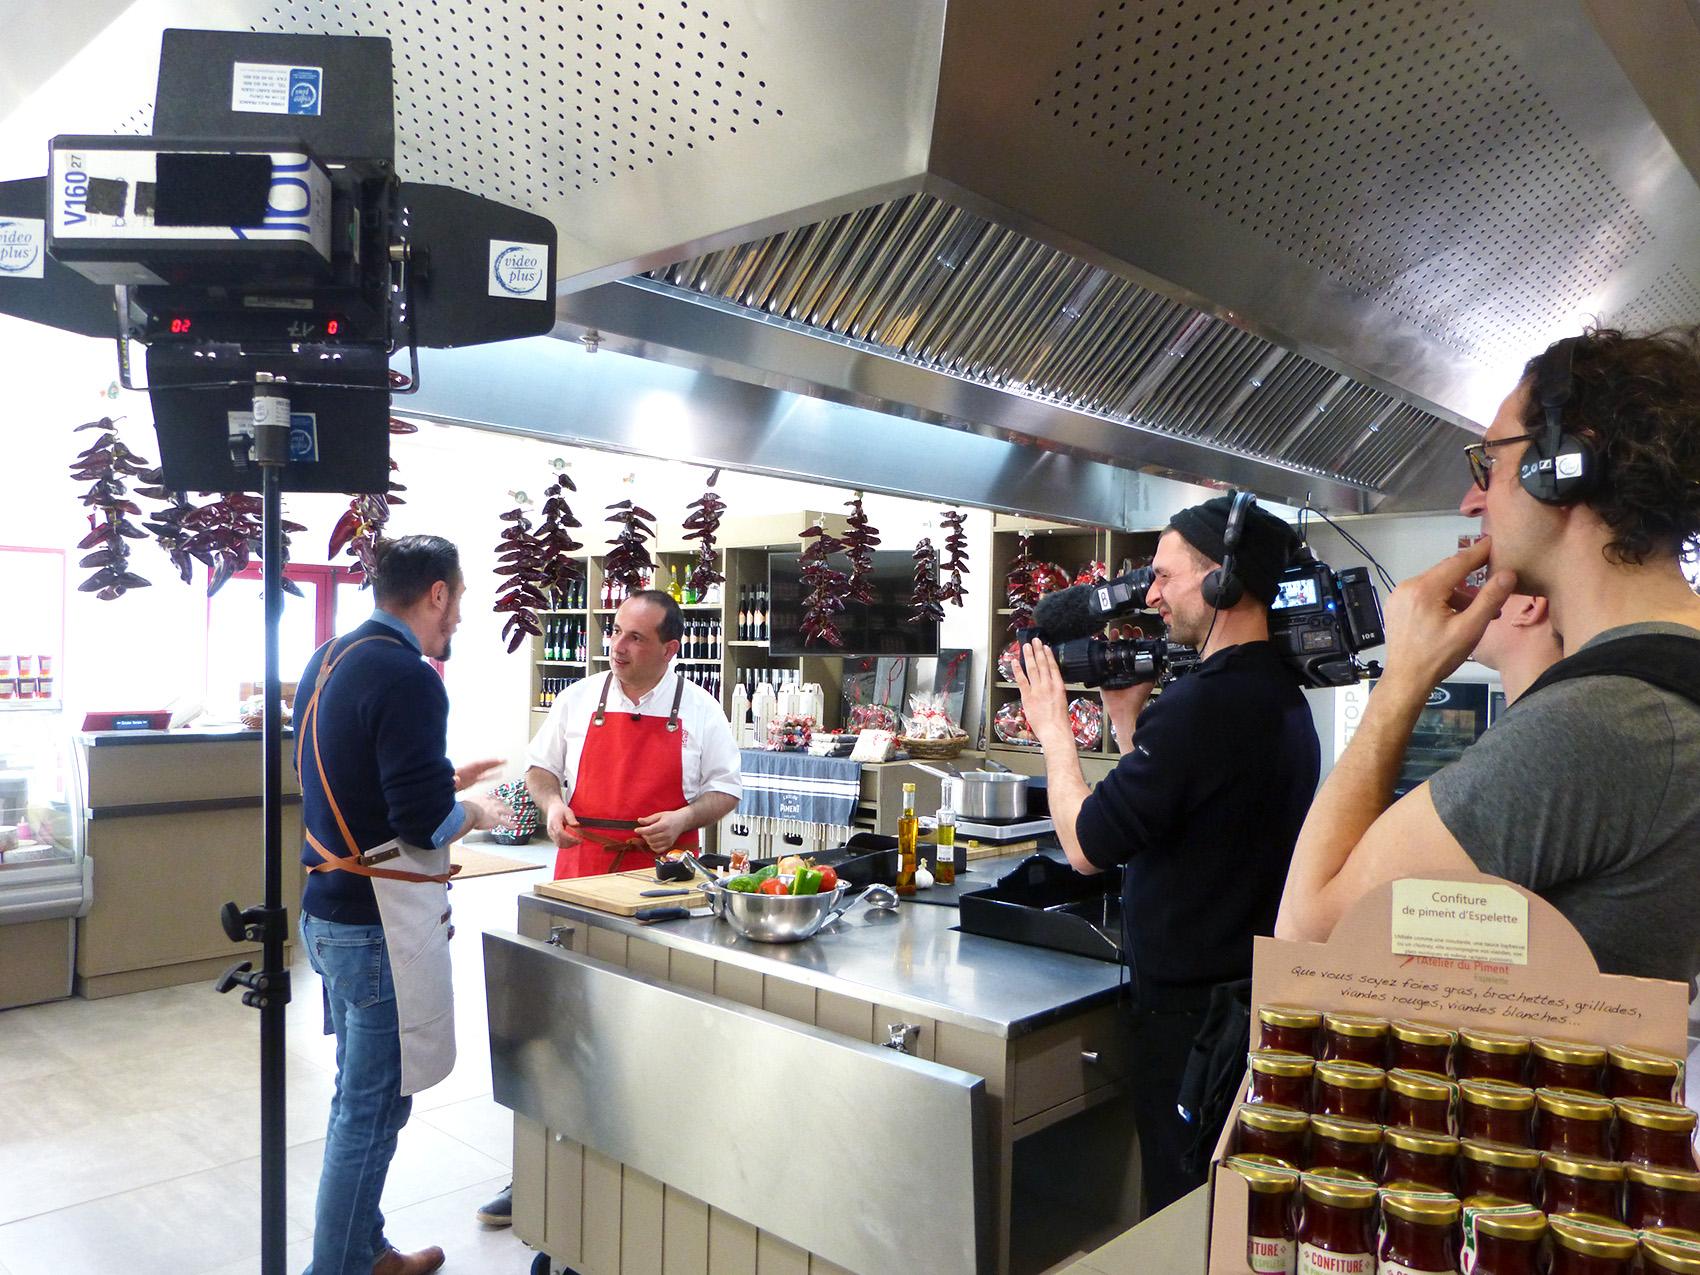 la meilleure boulangerie de france 2018 tournage à l'atelier du piment